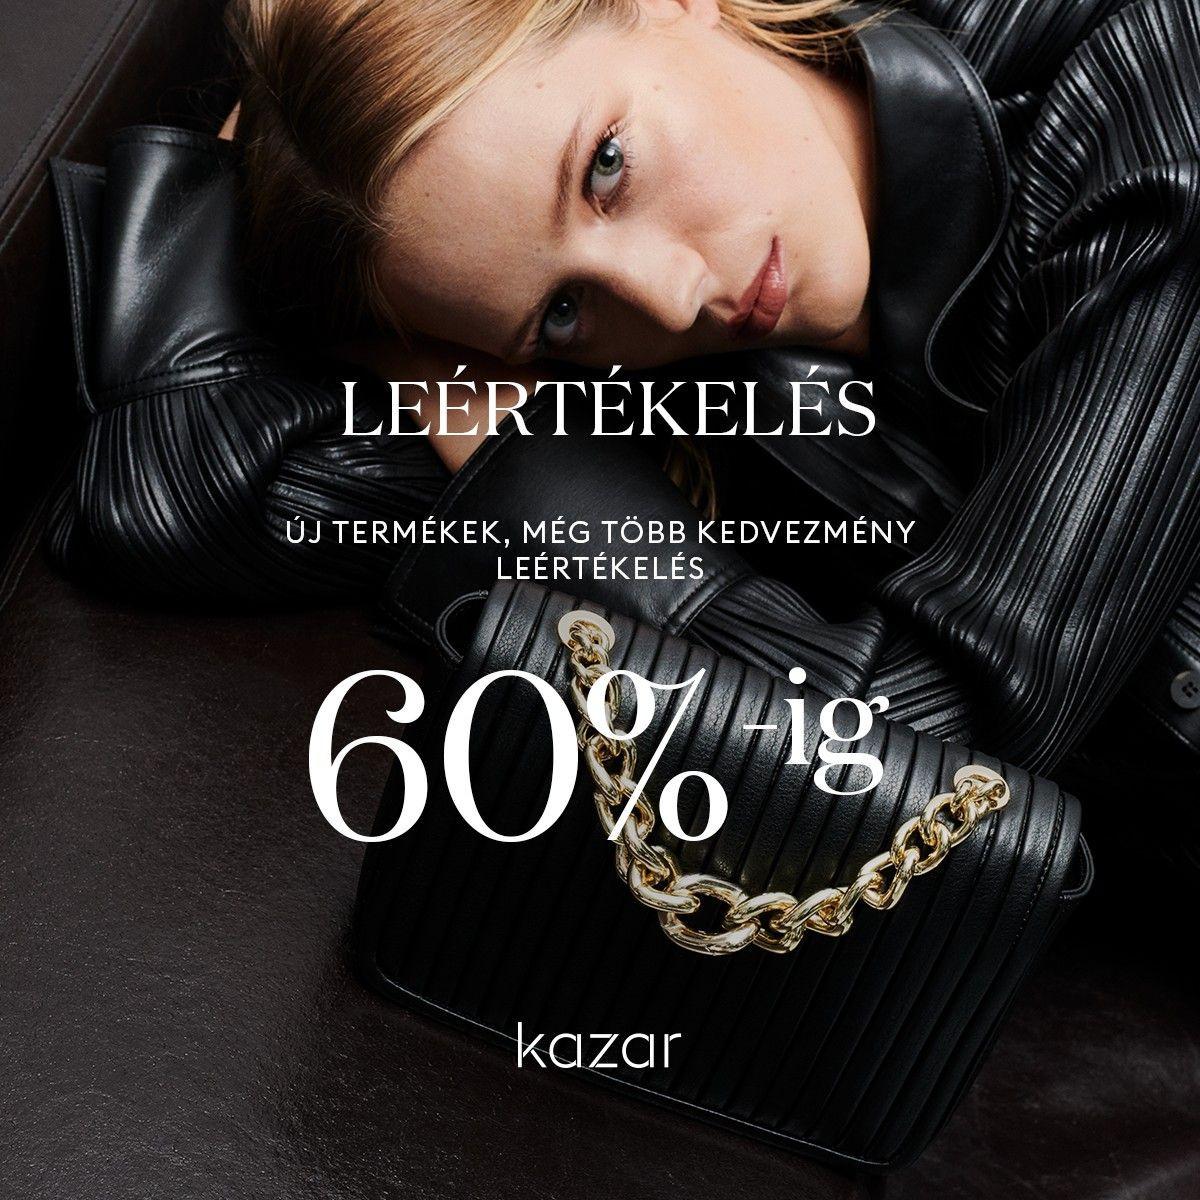 Akár 60% kedvezmény a Kazarnál